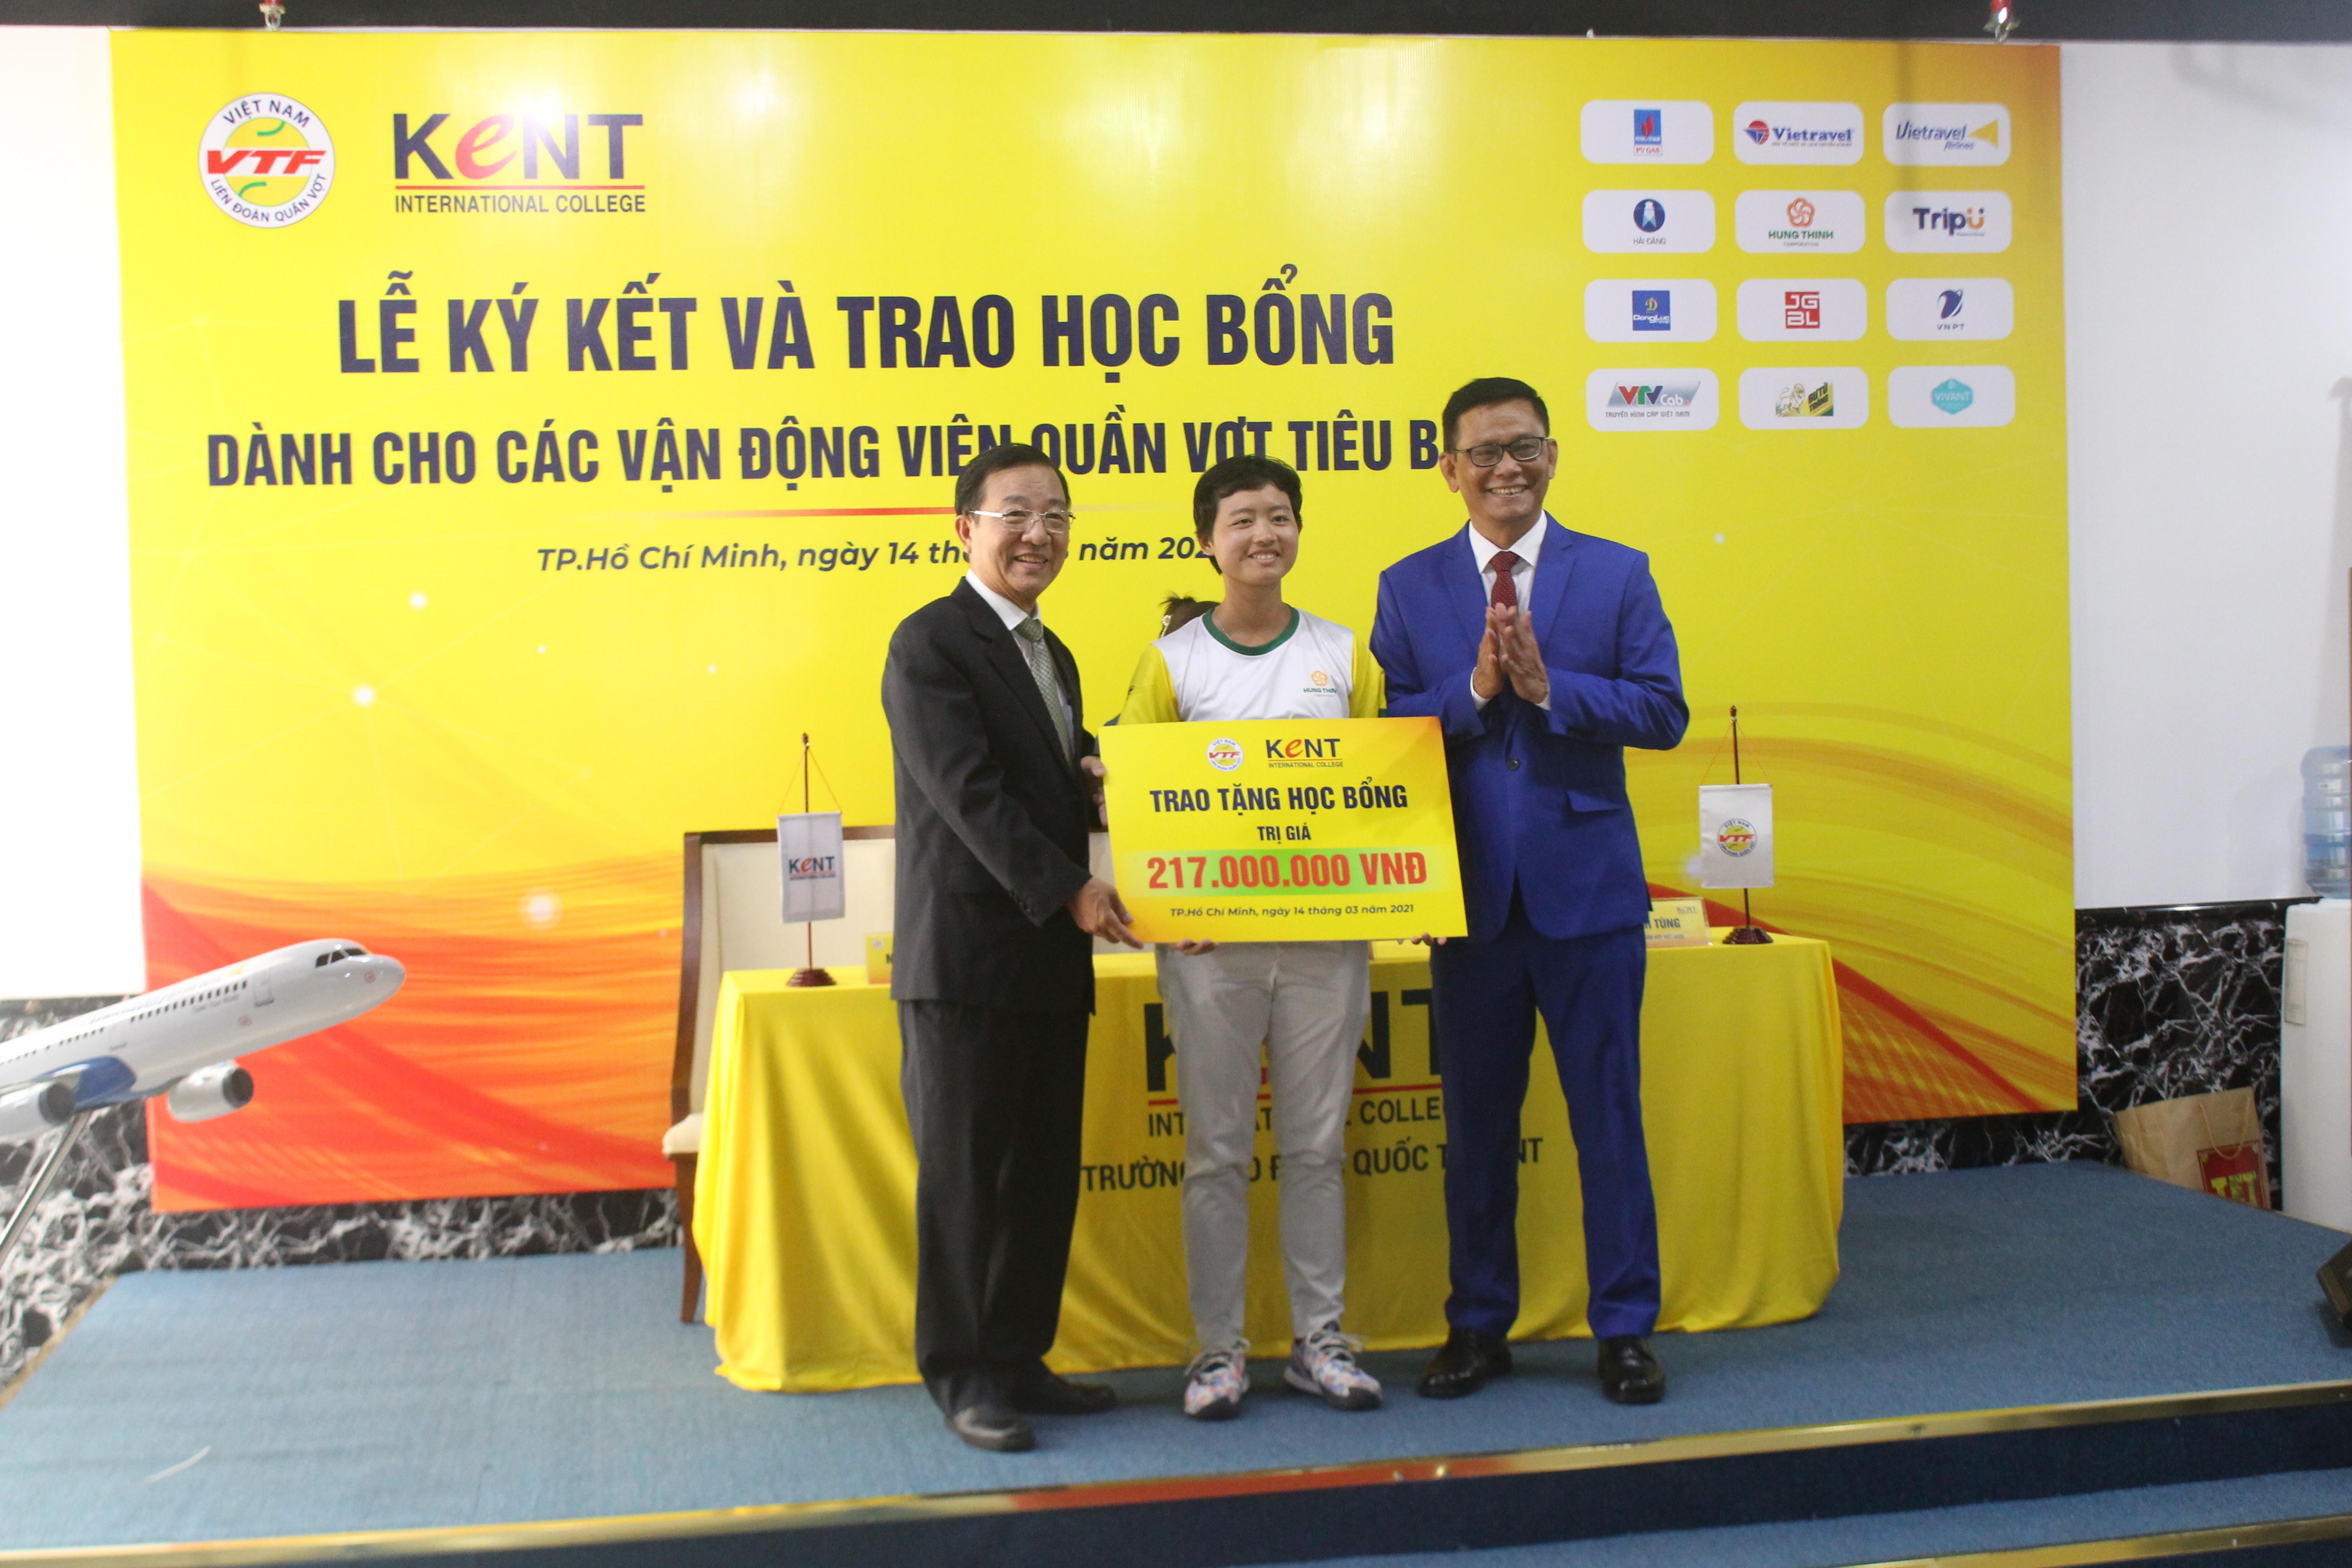 Hình ảnh: Lý Hoàng Nam cùng 3 VĐV quần vợt nhận học bổng của trường Cao đẳng Quốc tế Kent số 7